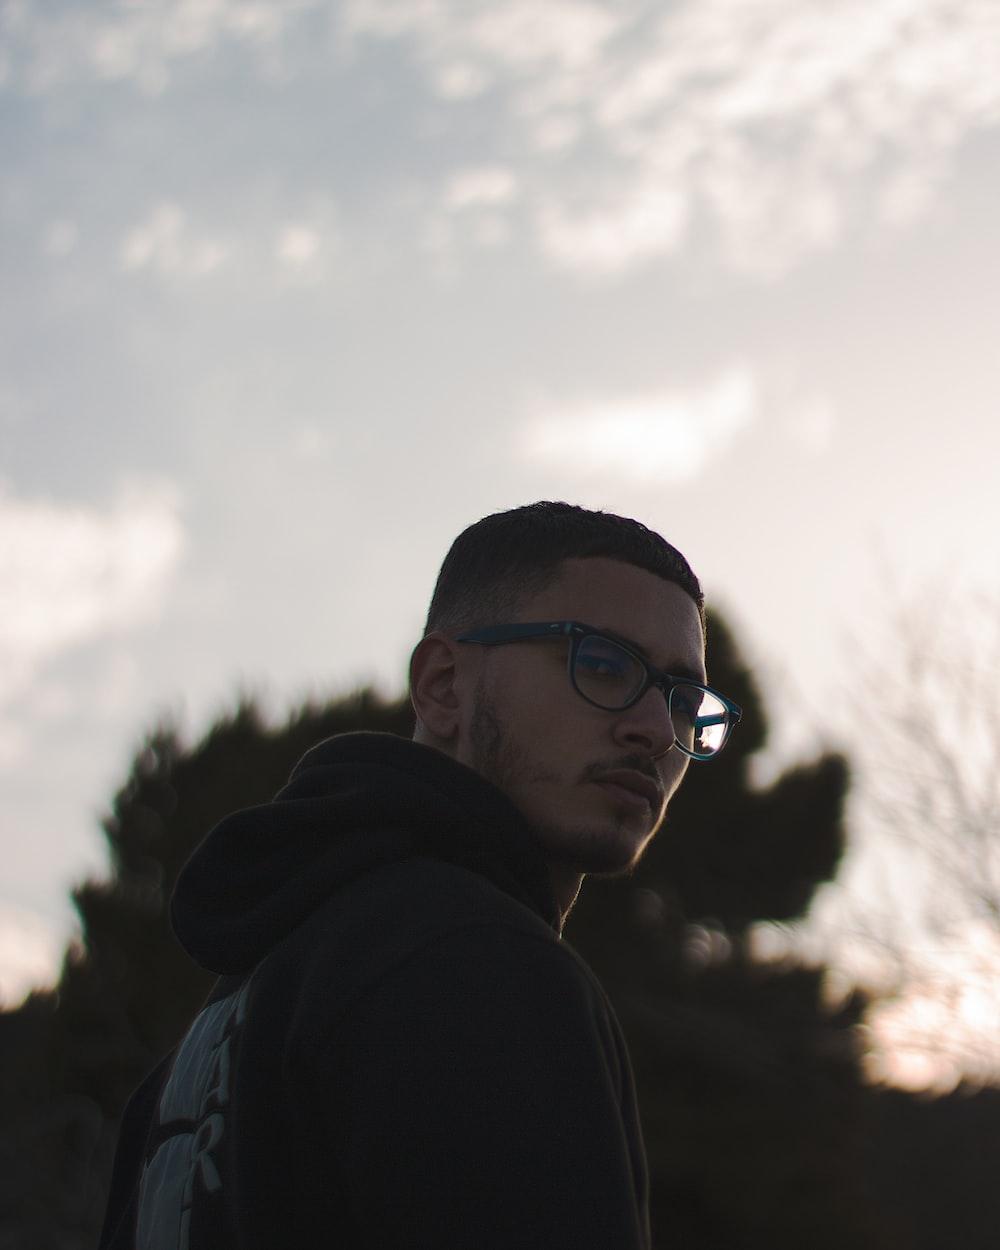 man in black hoodie wearing black sunglasses